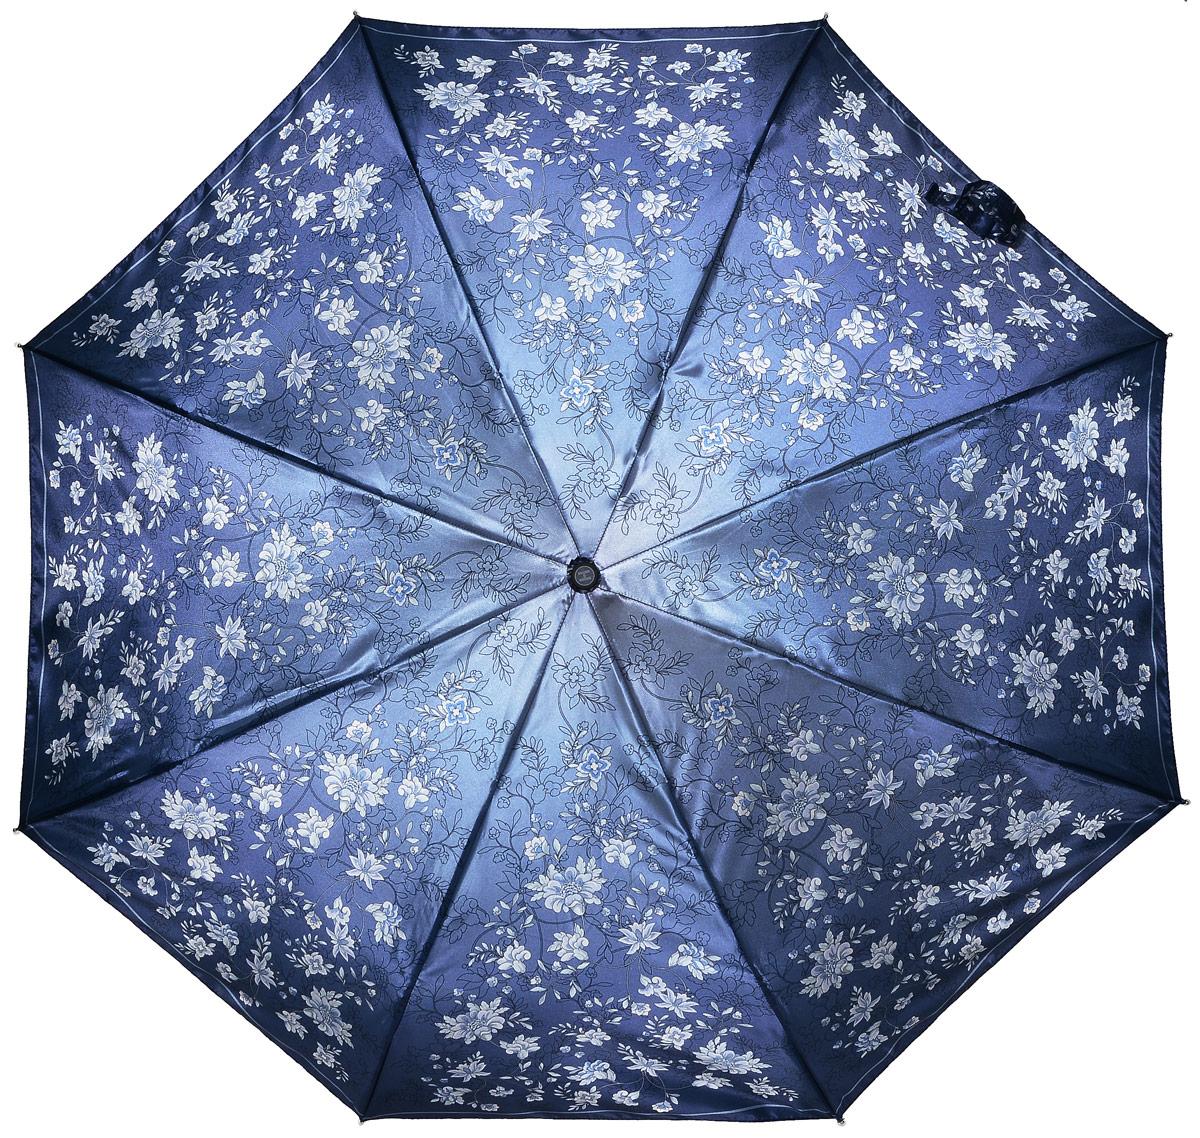 Зонт женский Henry Backer, 3 сложения, цвет: синий. U23206 Night flowersREM12-CAM-GREENBLACKЭлегантный женский зонт «Цветы ночью» с сатиновым куполом, автомат У зонта комфортная для ладони рукоять из нескользящего материала с насечками под пальцы, чтобы зонт было удобно удерживать при порывах ветра.